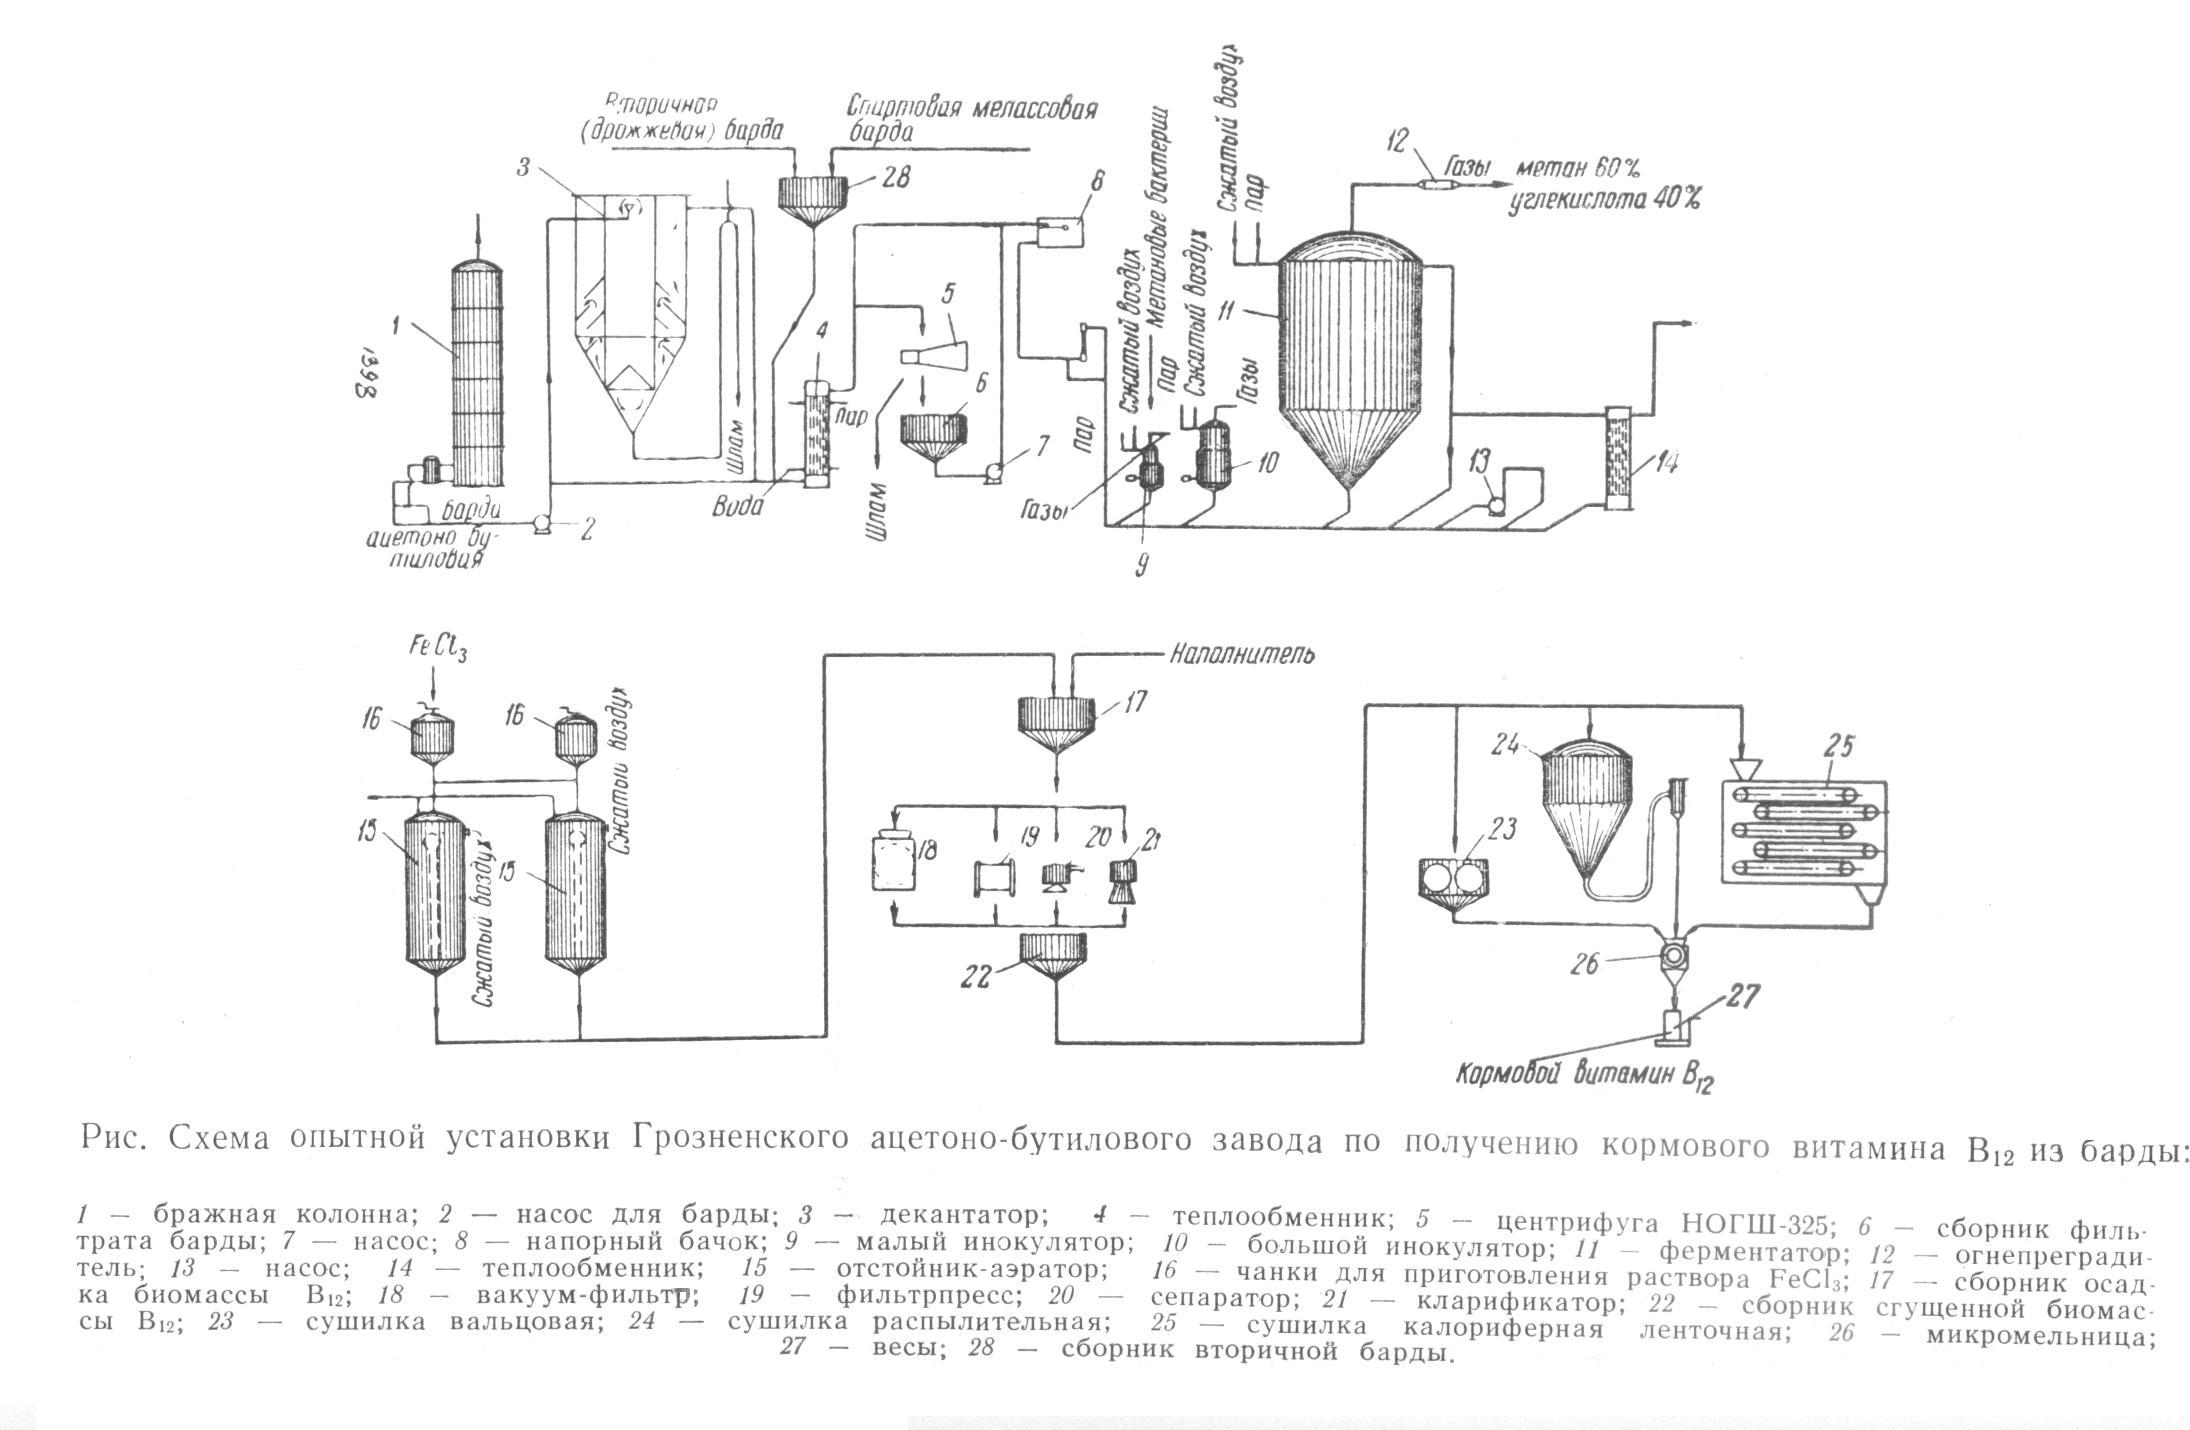 технологическая схема известкового завода